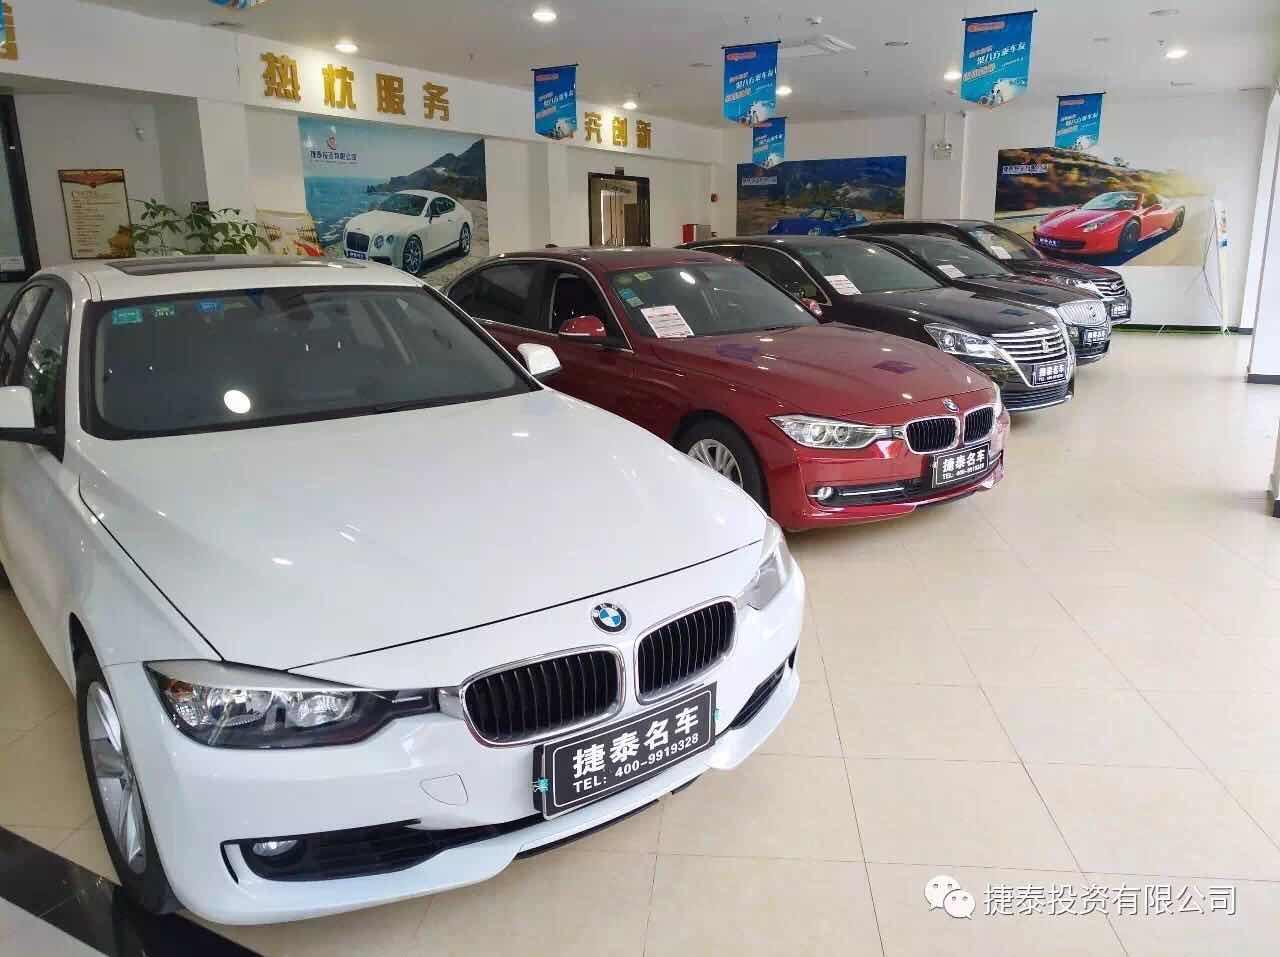 中山市捷佳汽车销售有限公司_才通国际人才网_www.f8892.com